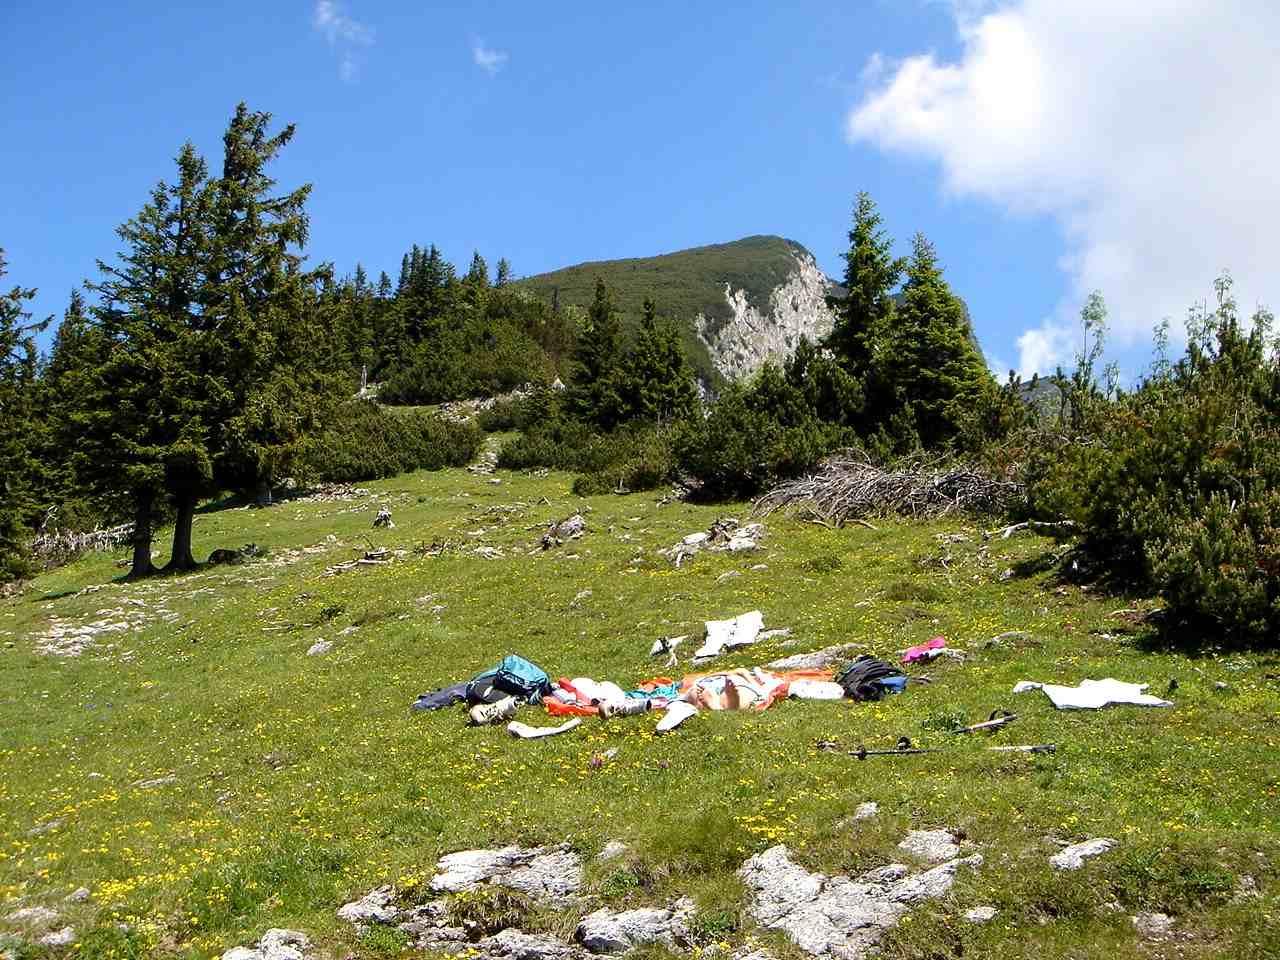 Foto: Manfred Karl / Wander Tour / Von Bischofswiesen auf den Berchtesgadener Hochthron / Liegewiese etwas unterhalb der Wegverzweigung der Anstiege Bischofswiesen und Hintergern. / 17.05.2007 20:48:04